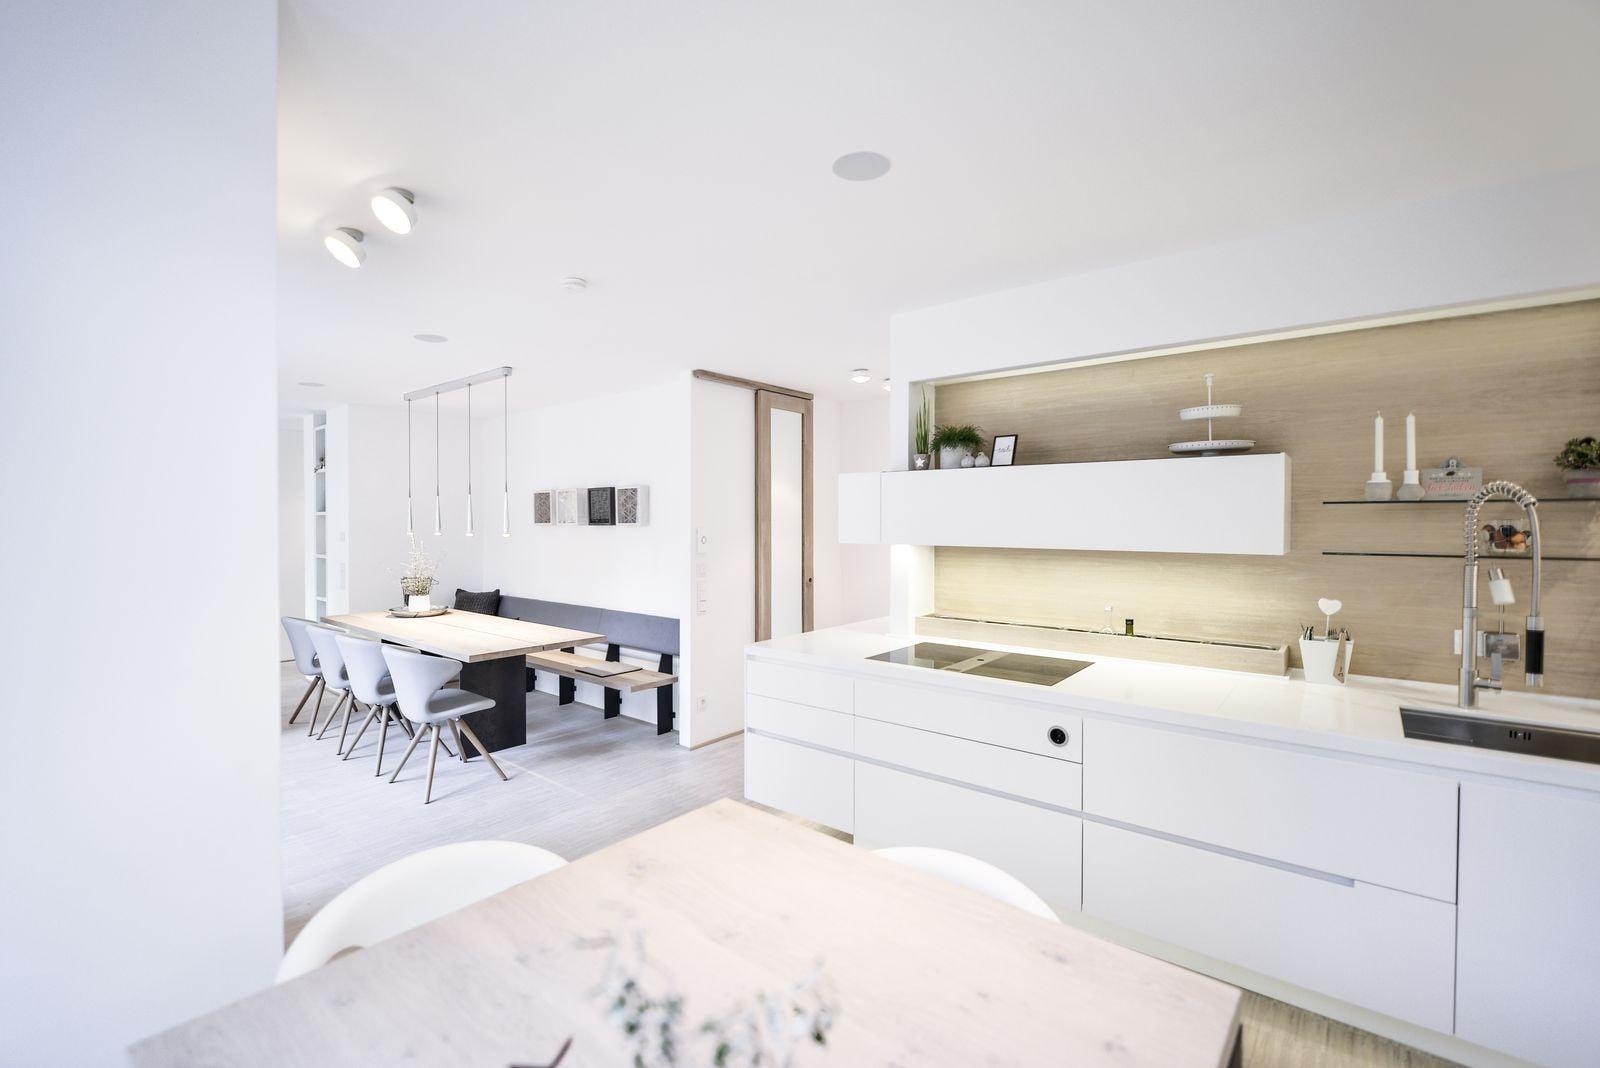 plan 3 küche / Sanierter Hochbunker Siegen / Wohnung W